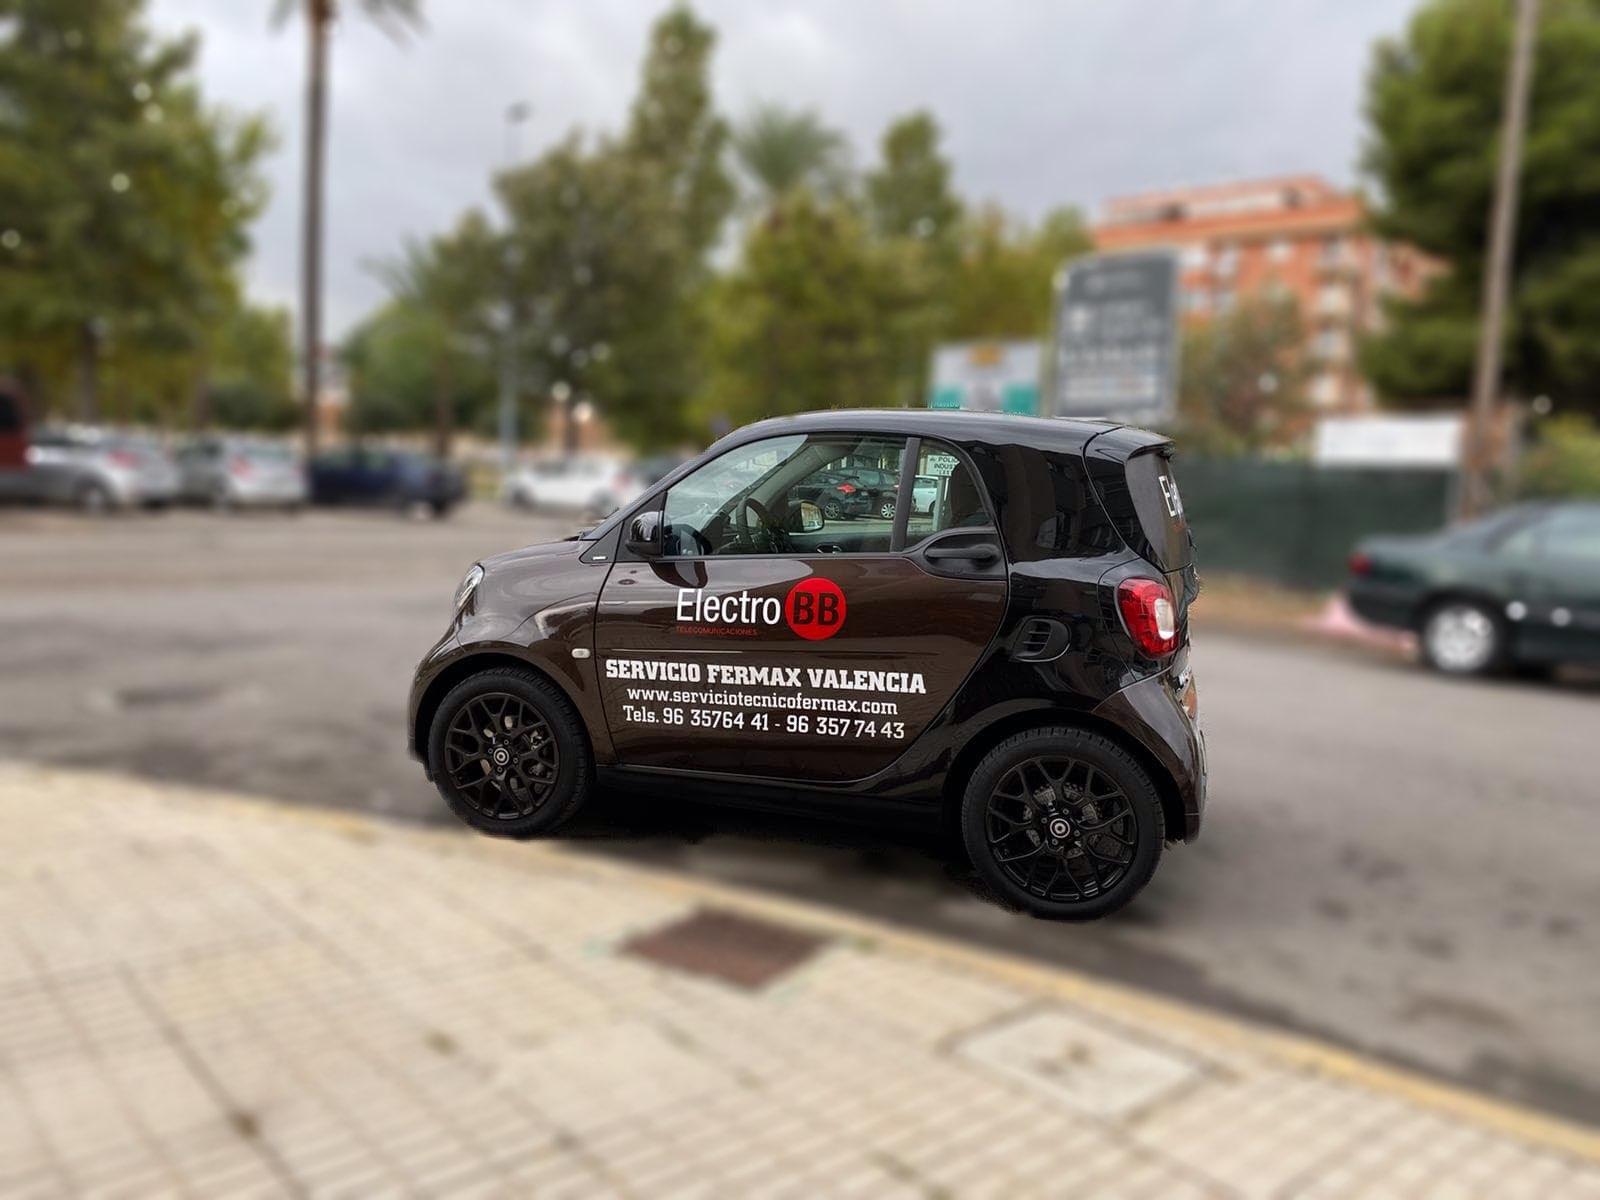 El nuevo vehículo del departamento de Asistencia Técnica